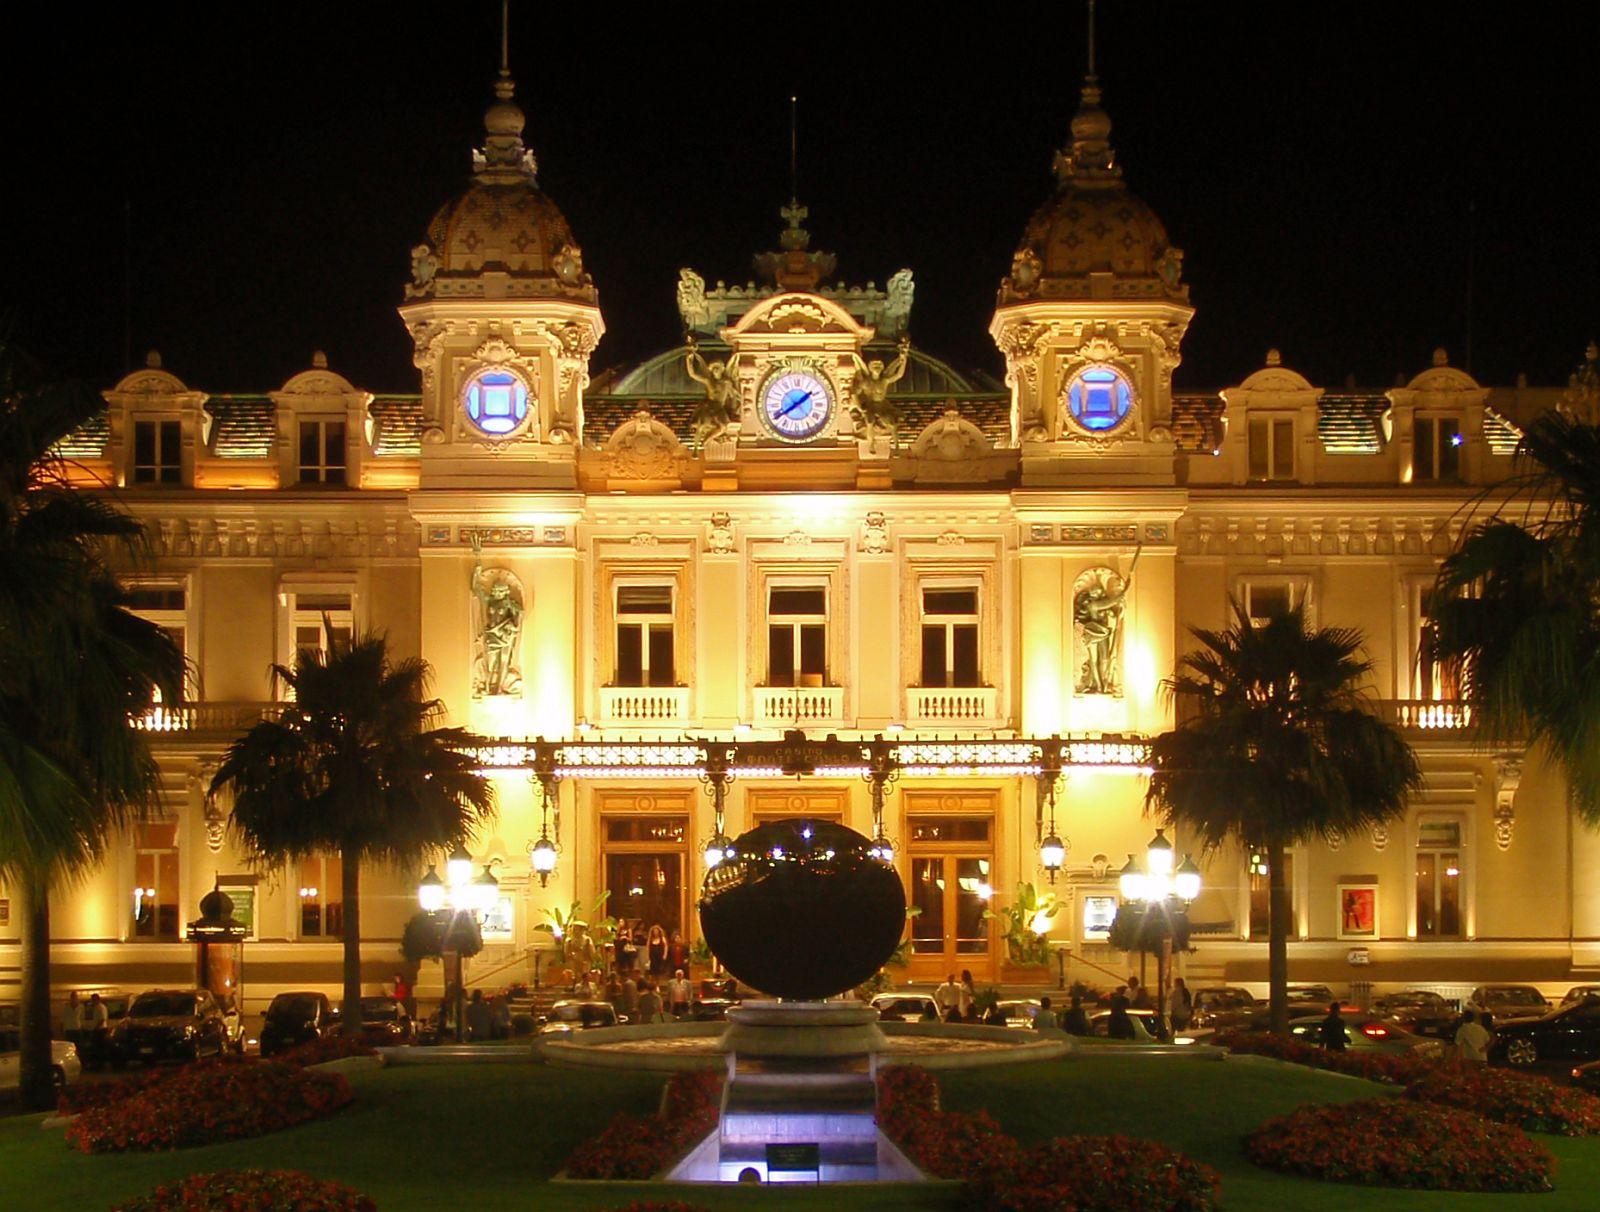 file3026 - Монако - идеальное место для отдыха в 2018 - достопримечательности, фото.